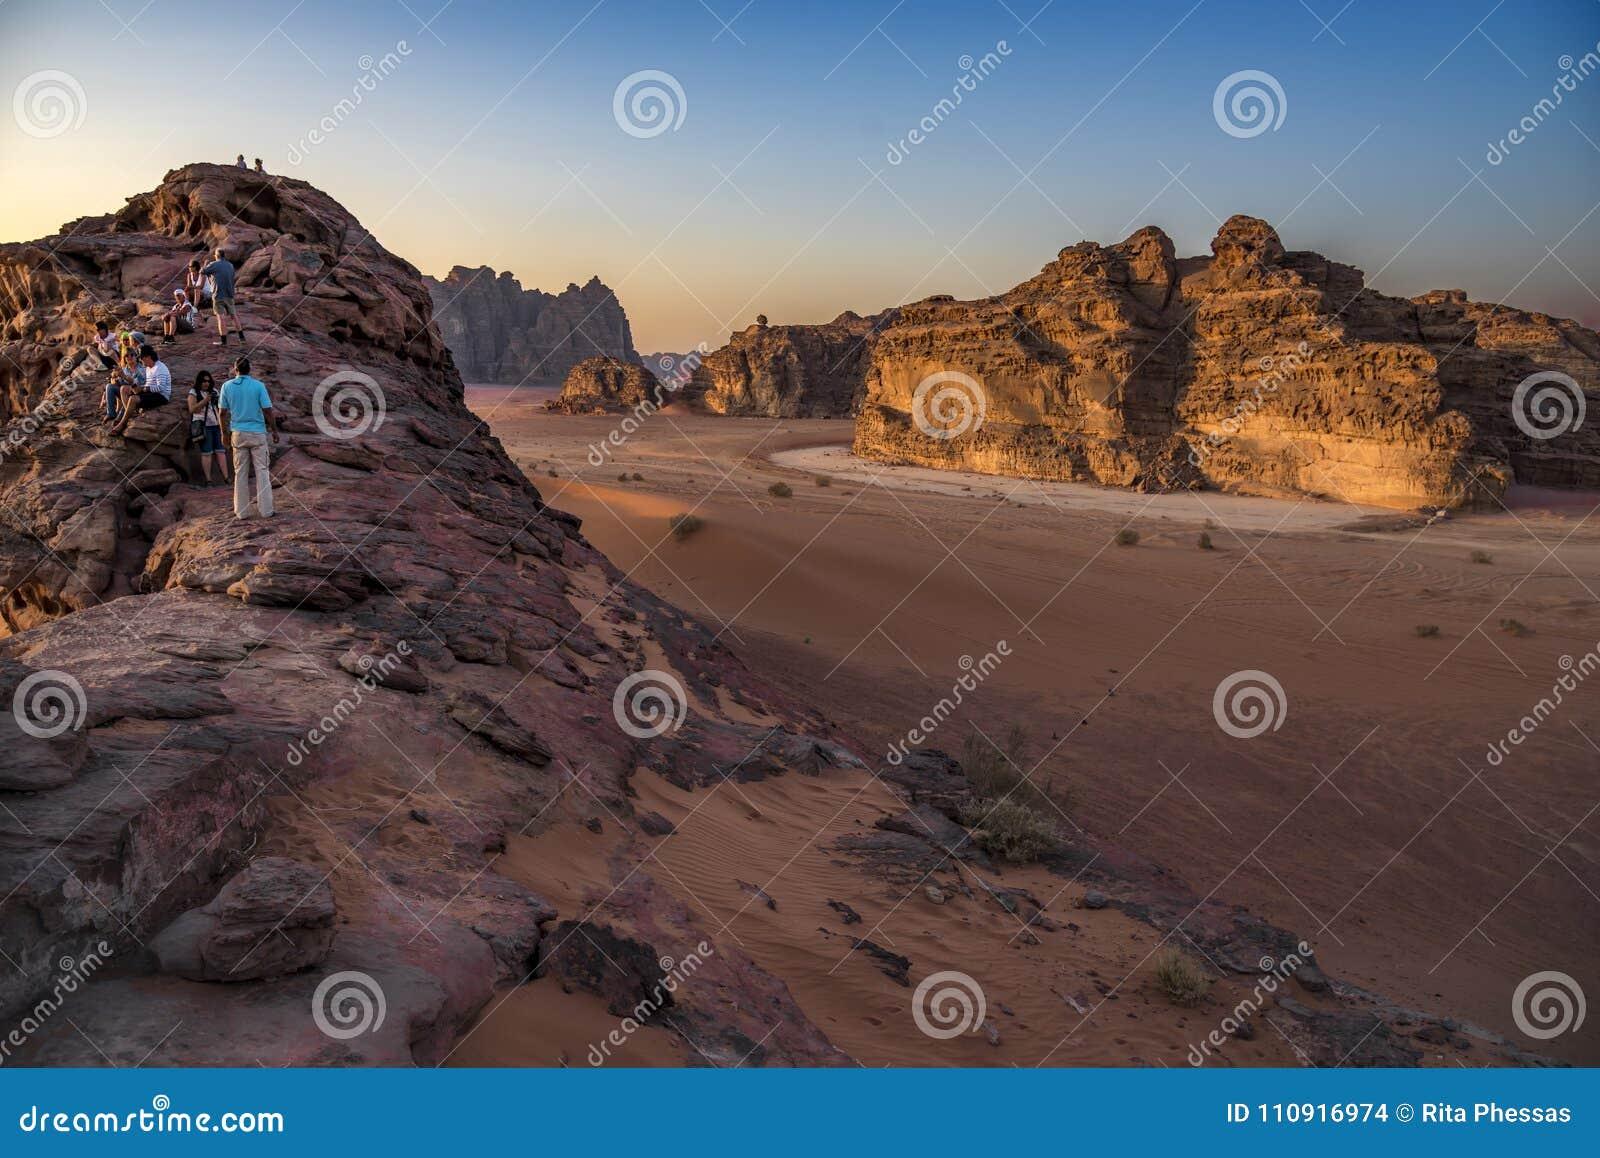 Έρημος Ιορδανία, 17-09-2017 ρουμιού Wadi Μια ομάδα ανθρώπων αναρριχείται σε ένα βουνό για να δει τον ήλιο ρύθμισης καλύτερο